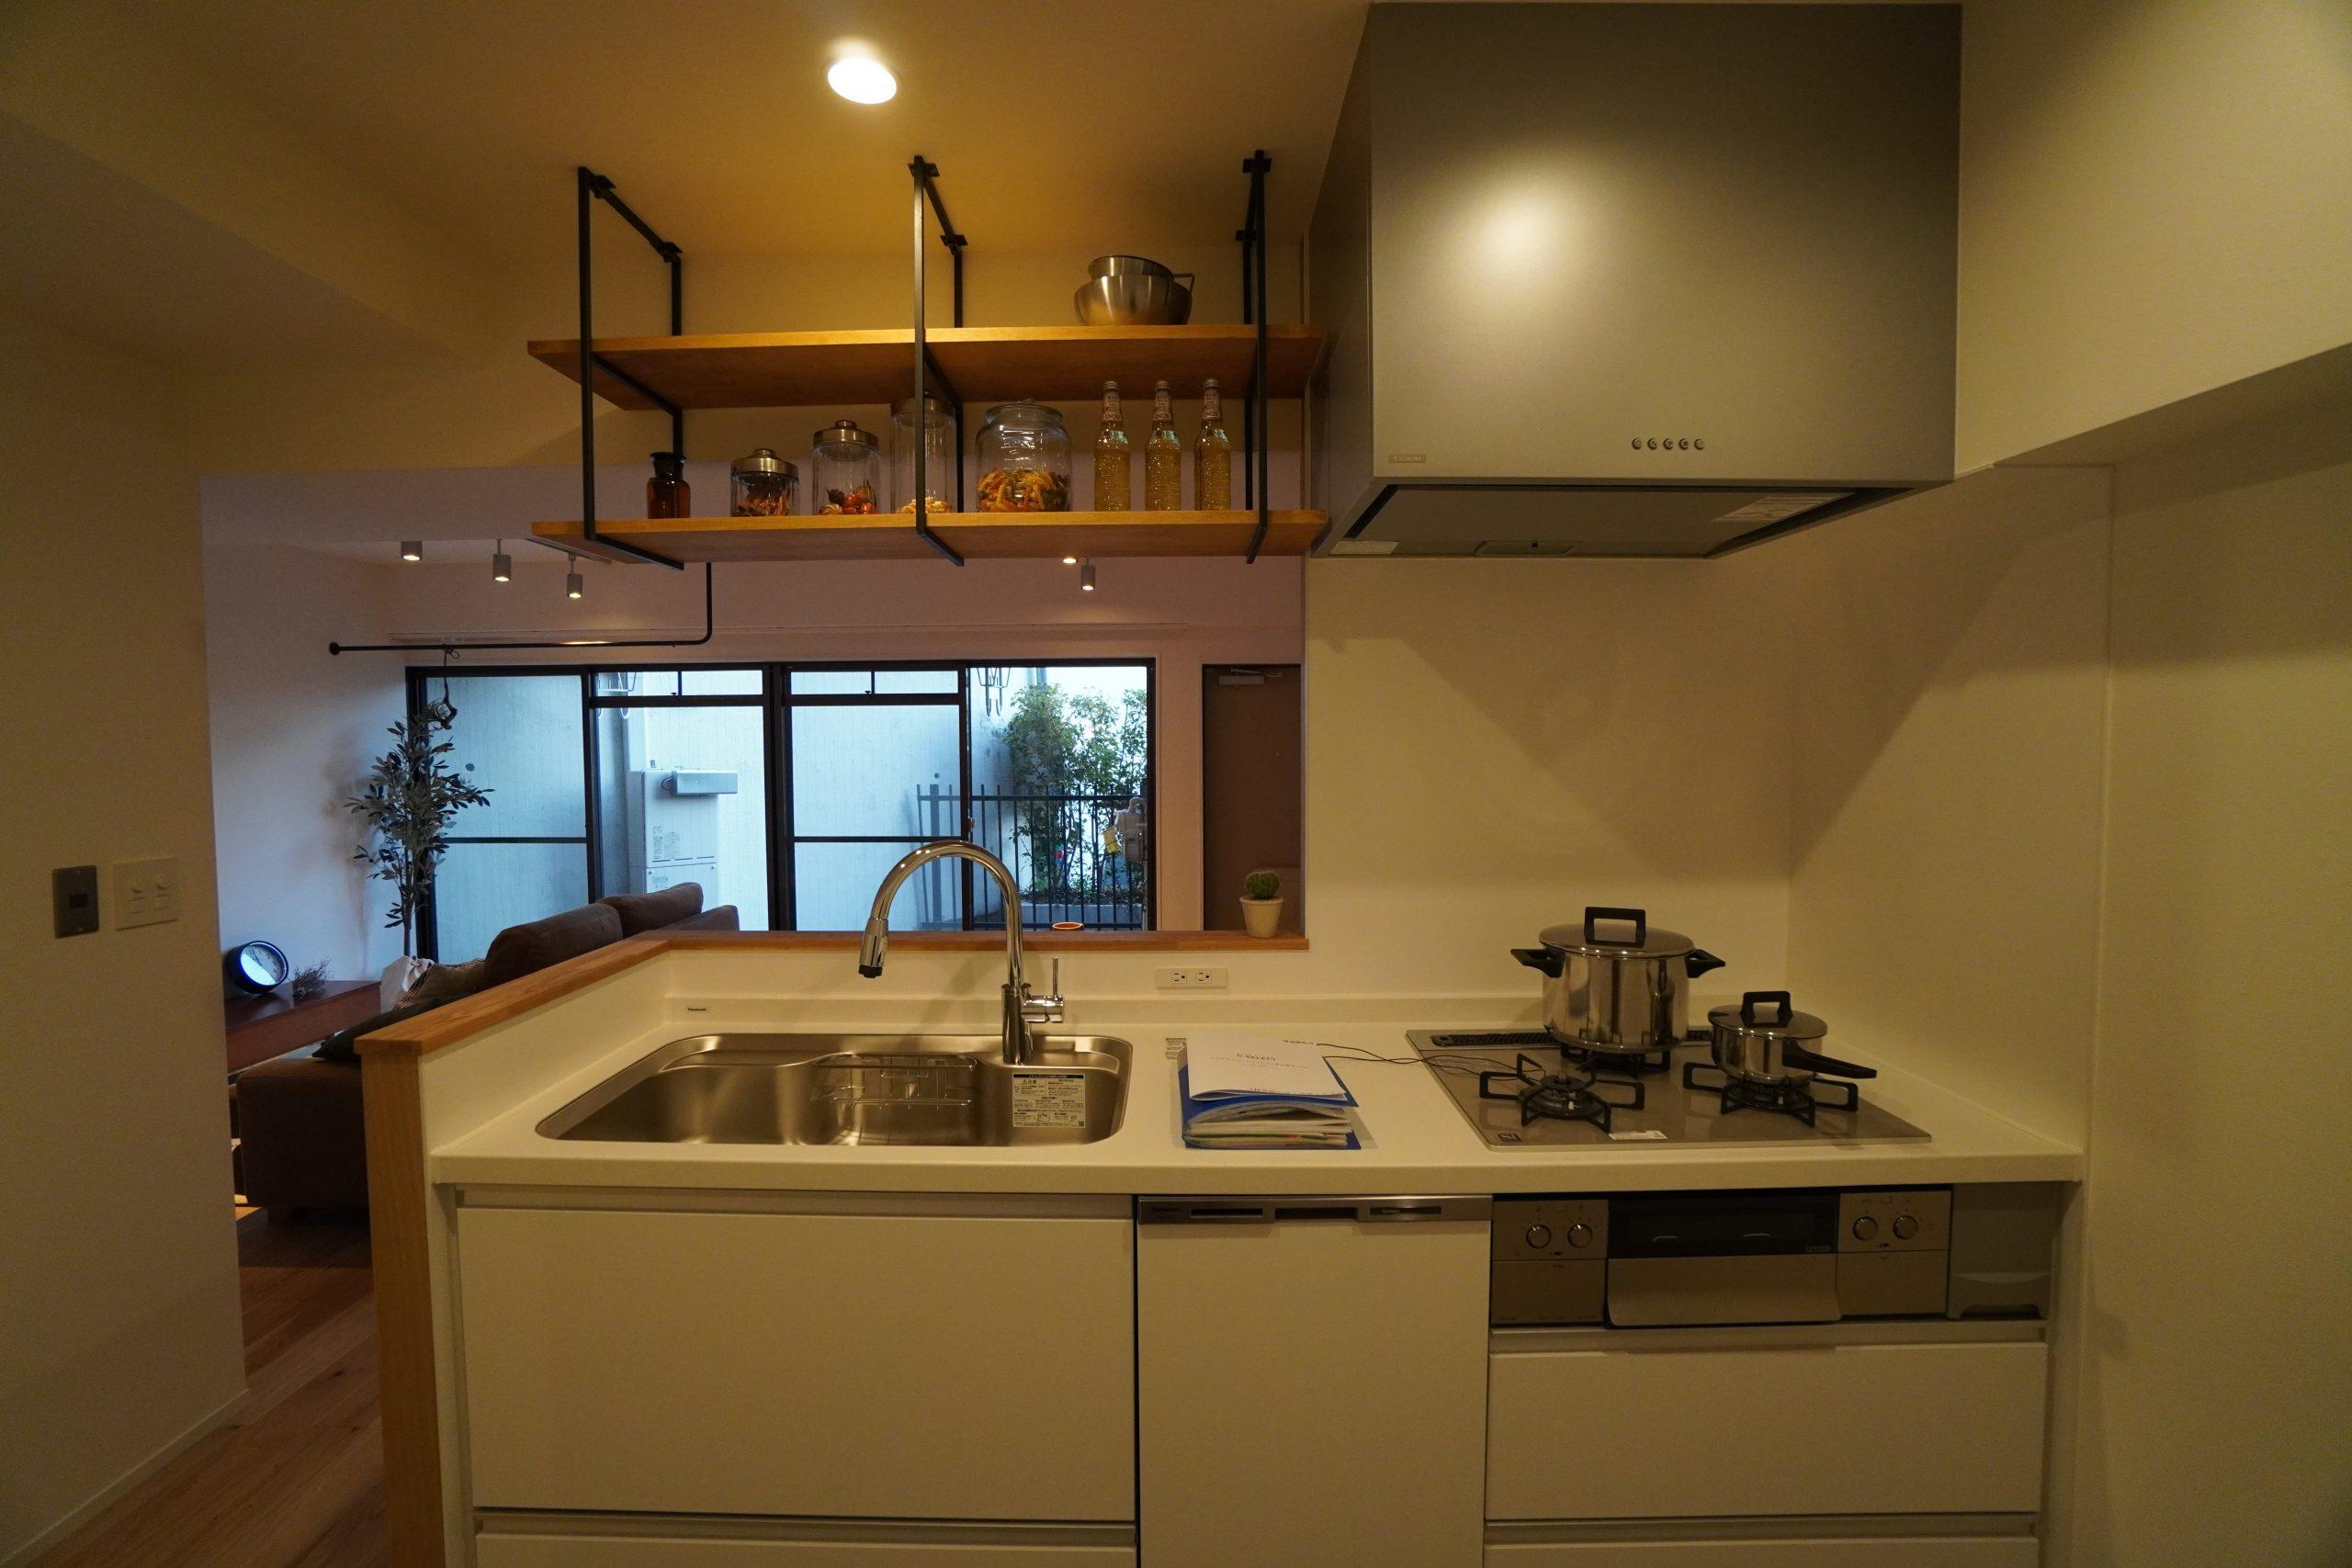 ハラダサンパークマンション恵比寿台の写真5